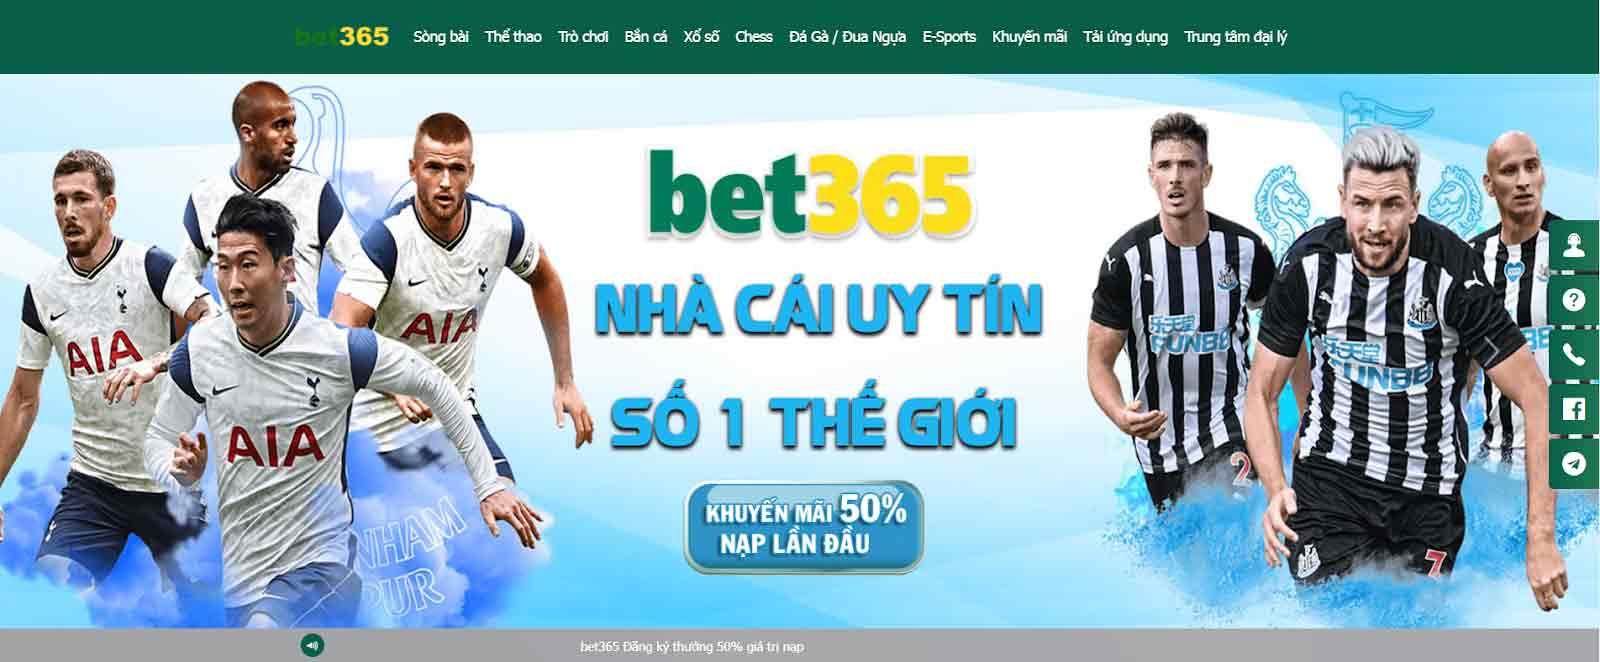 Bet365 cũng được yêu thích bởi nhiều khuyến mãi hấp dẫn